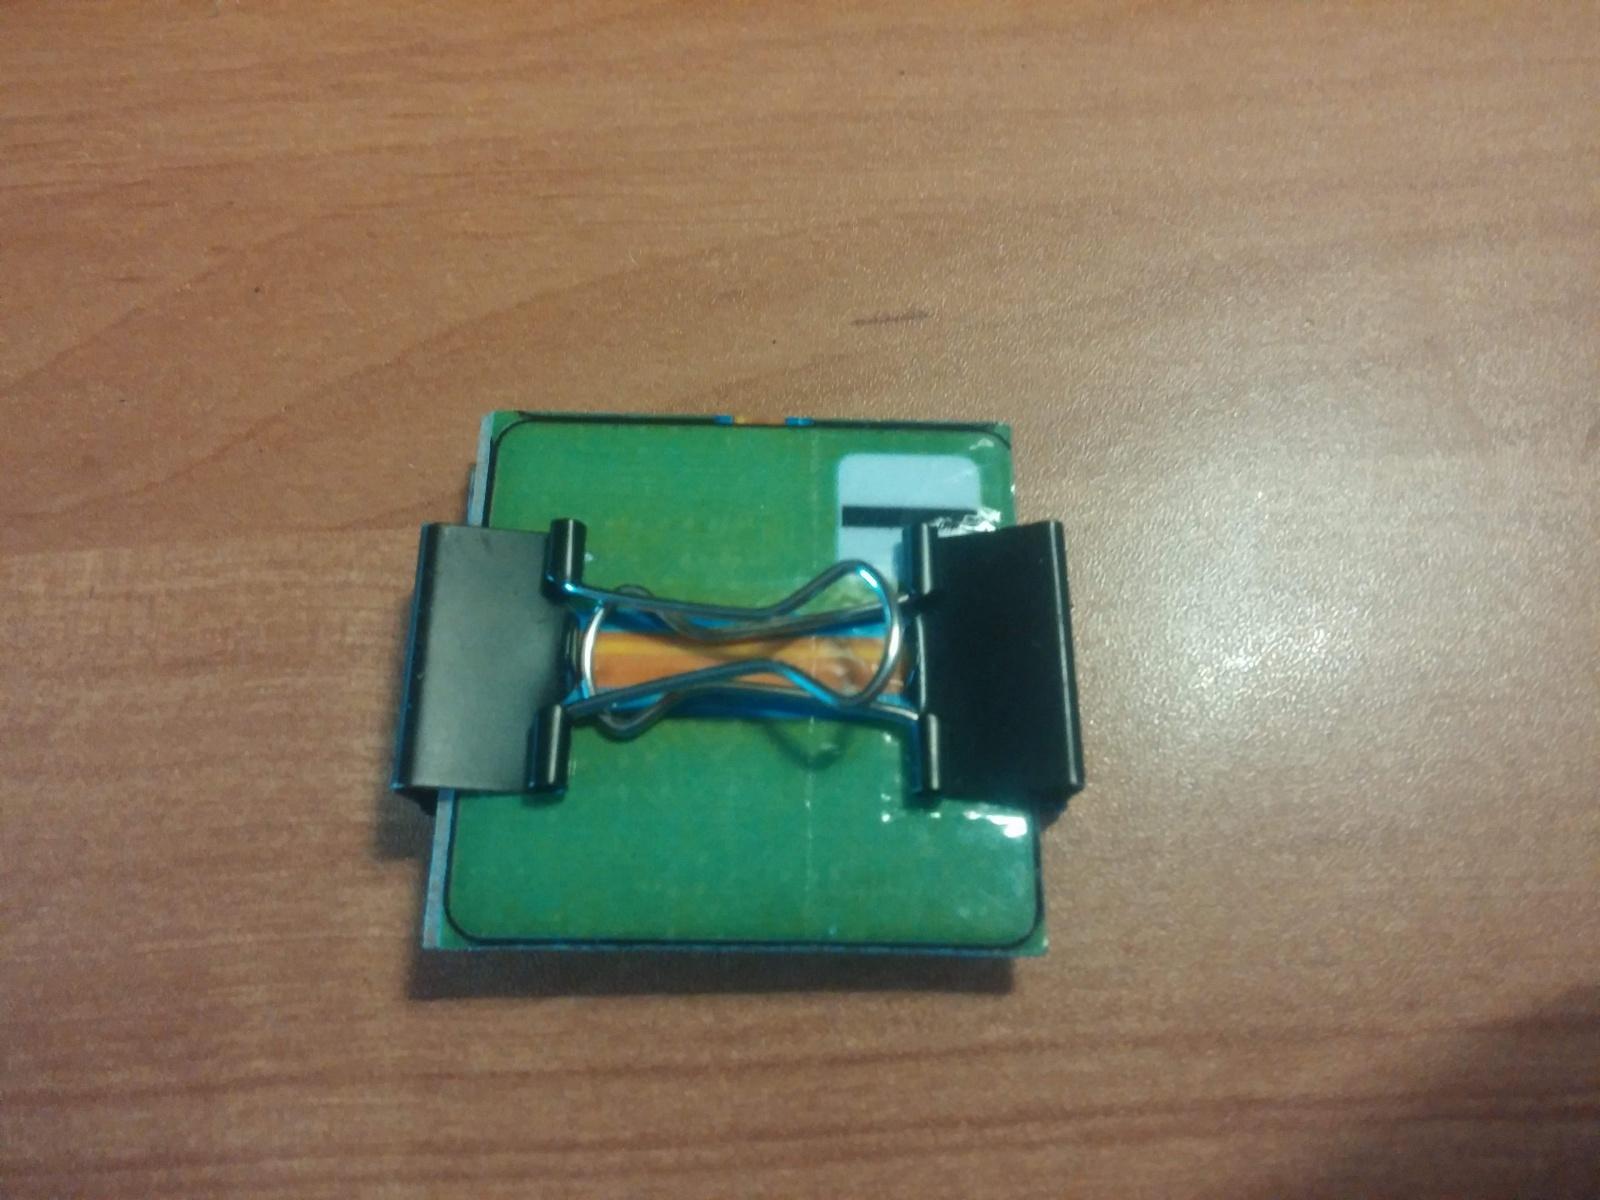 Превращаем картонную электрическую схему в настоящую или как сделать простой конструктор из настольной игры - 8